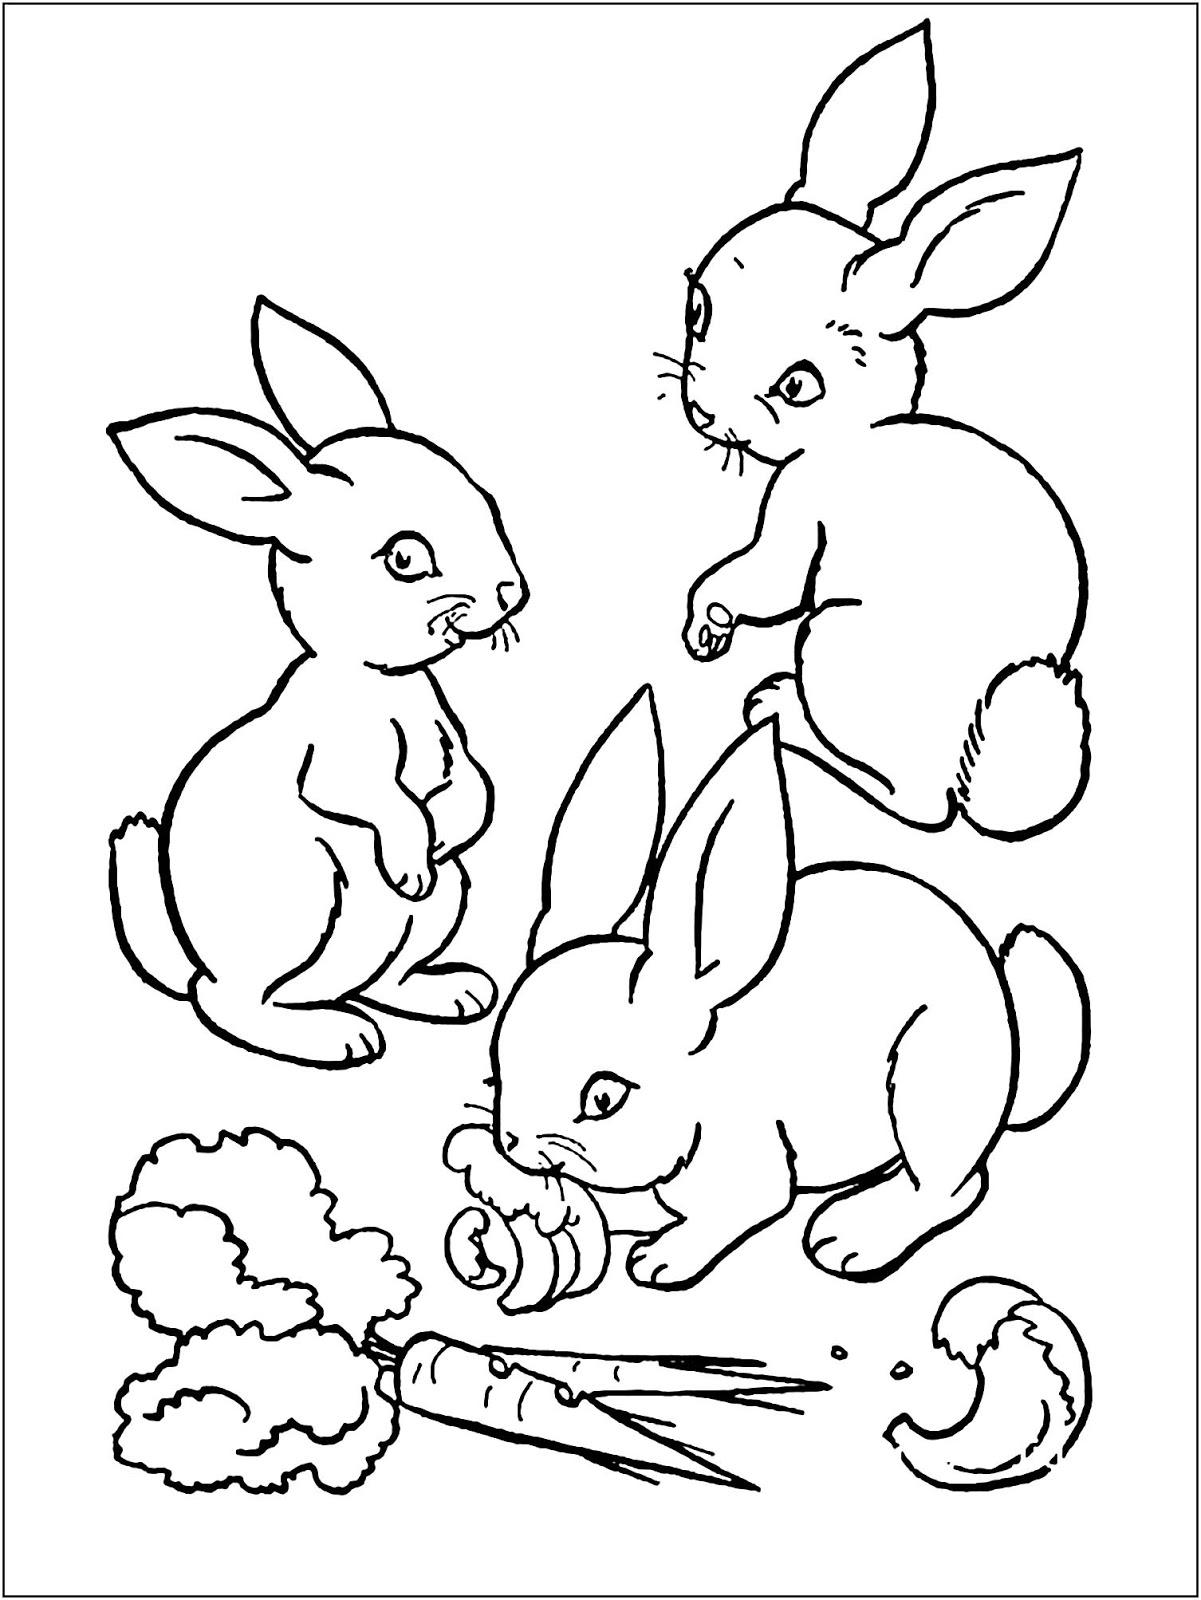 Tranh tô màu ba con thỏ ăn cà rốt